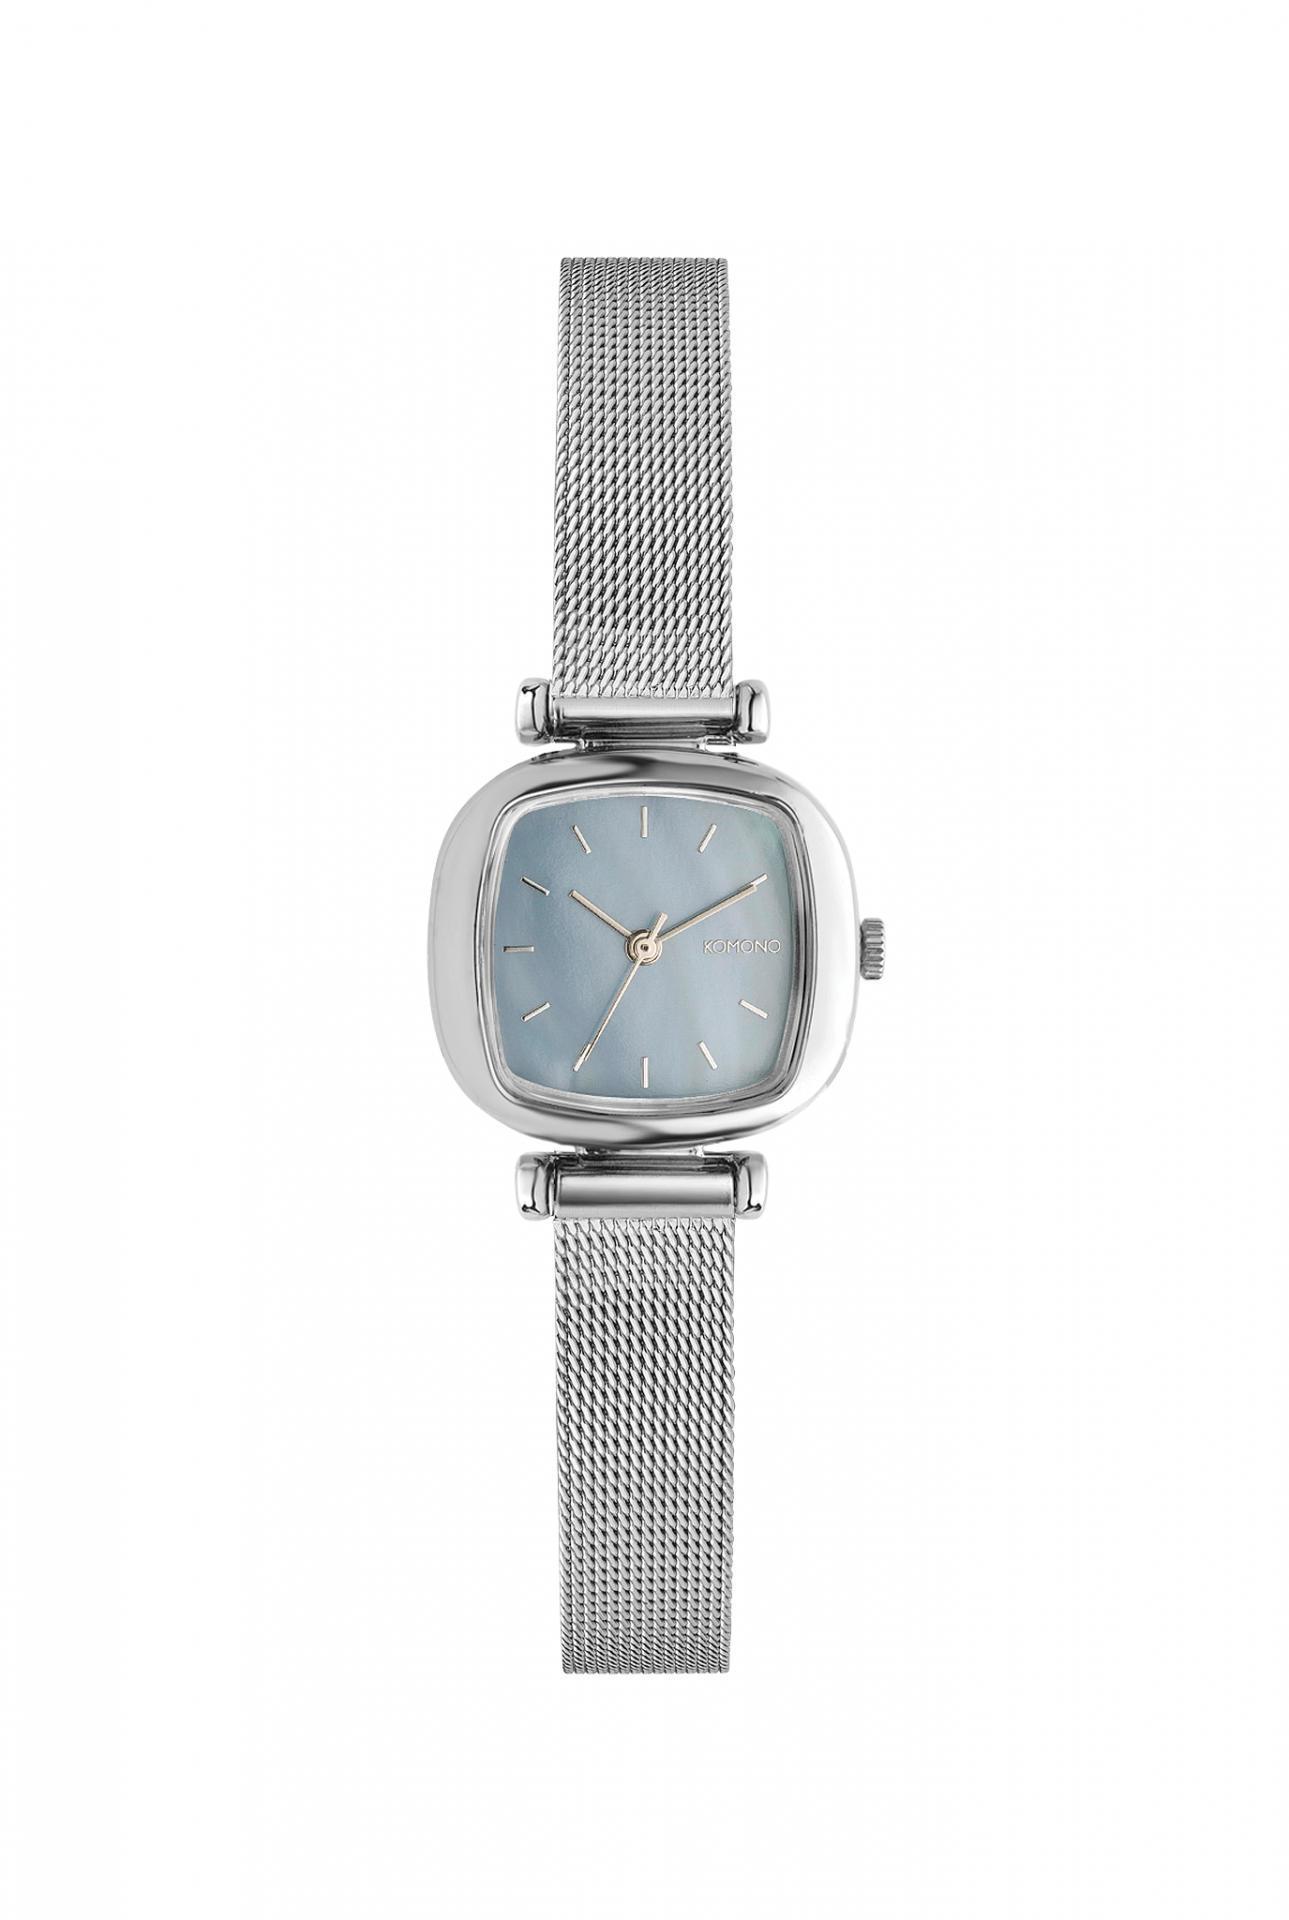 Komono Dámské hodinky Komono Moneypenny Royale Silver, stříbrná barva, kov